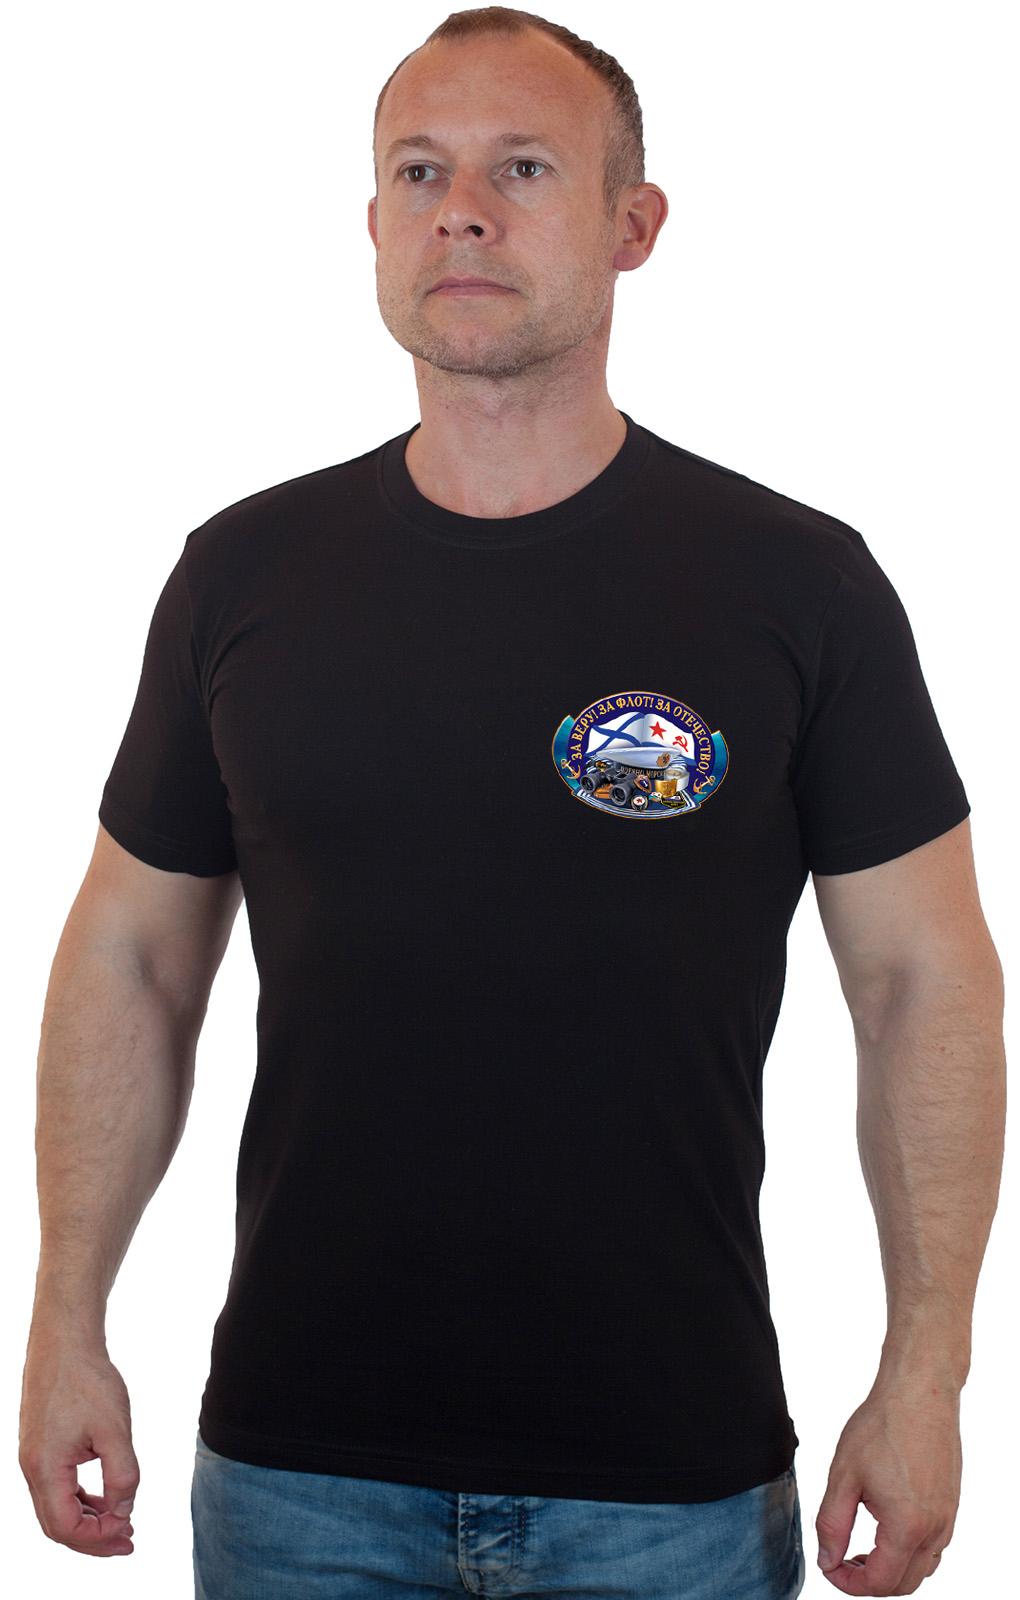 Подарки по теме ВМФ – крутые мужские футболки с эмблемами на груди